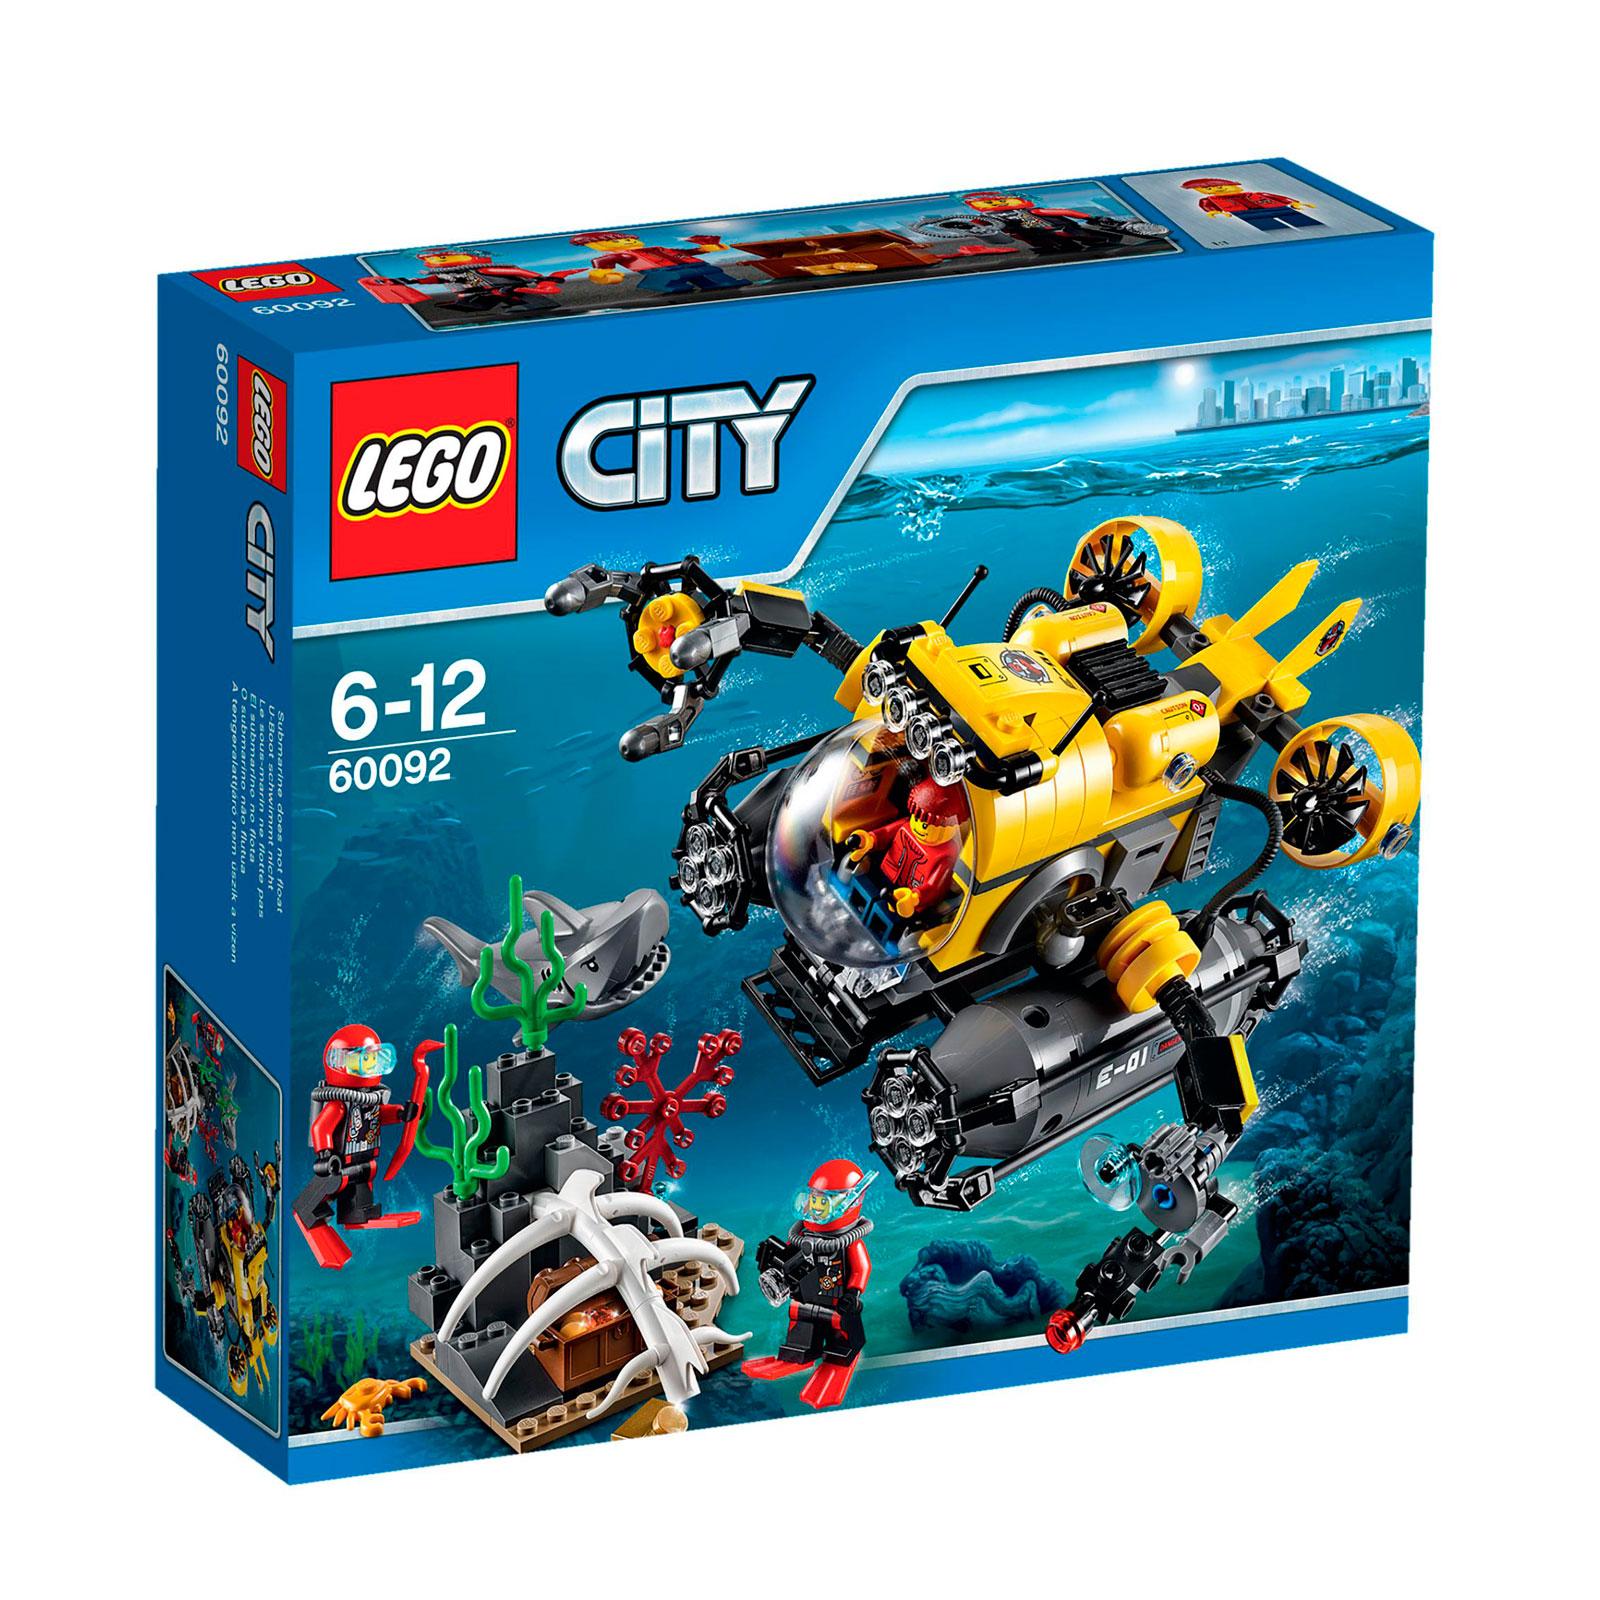 ����������� LEGO City 60092 ������������� ��������� �����